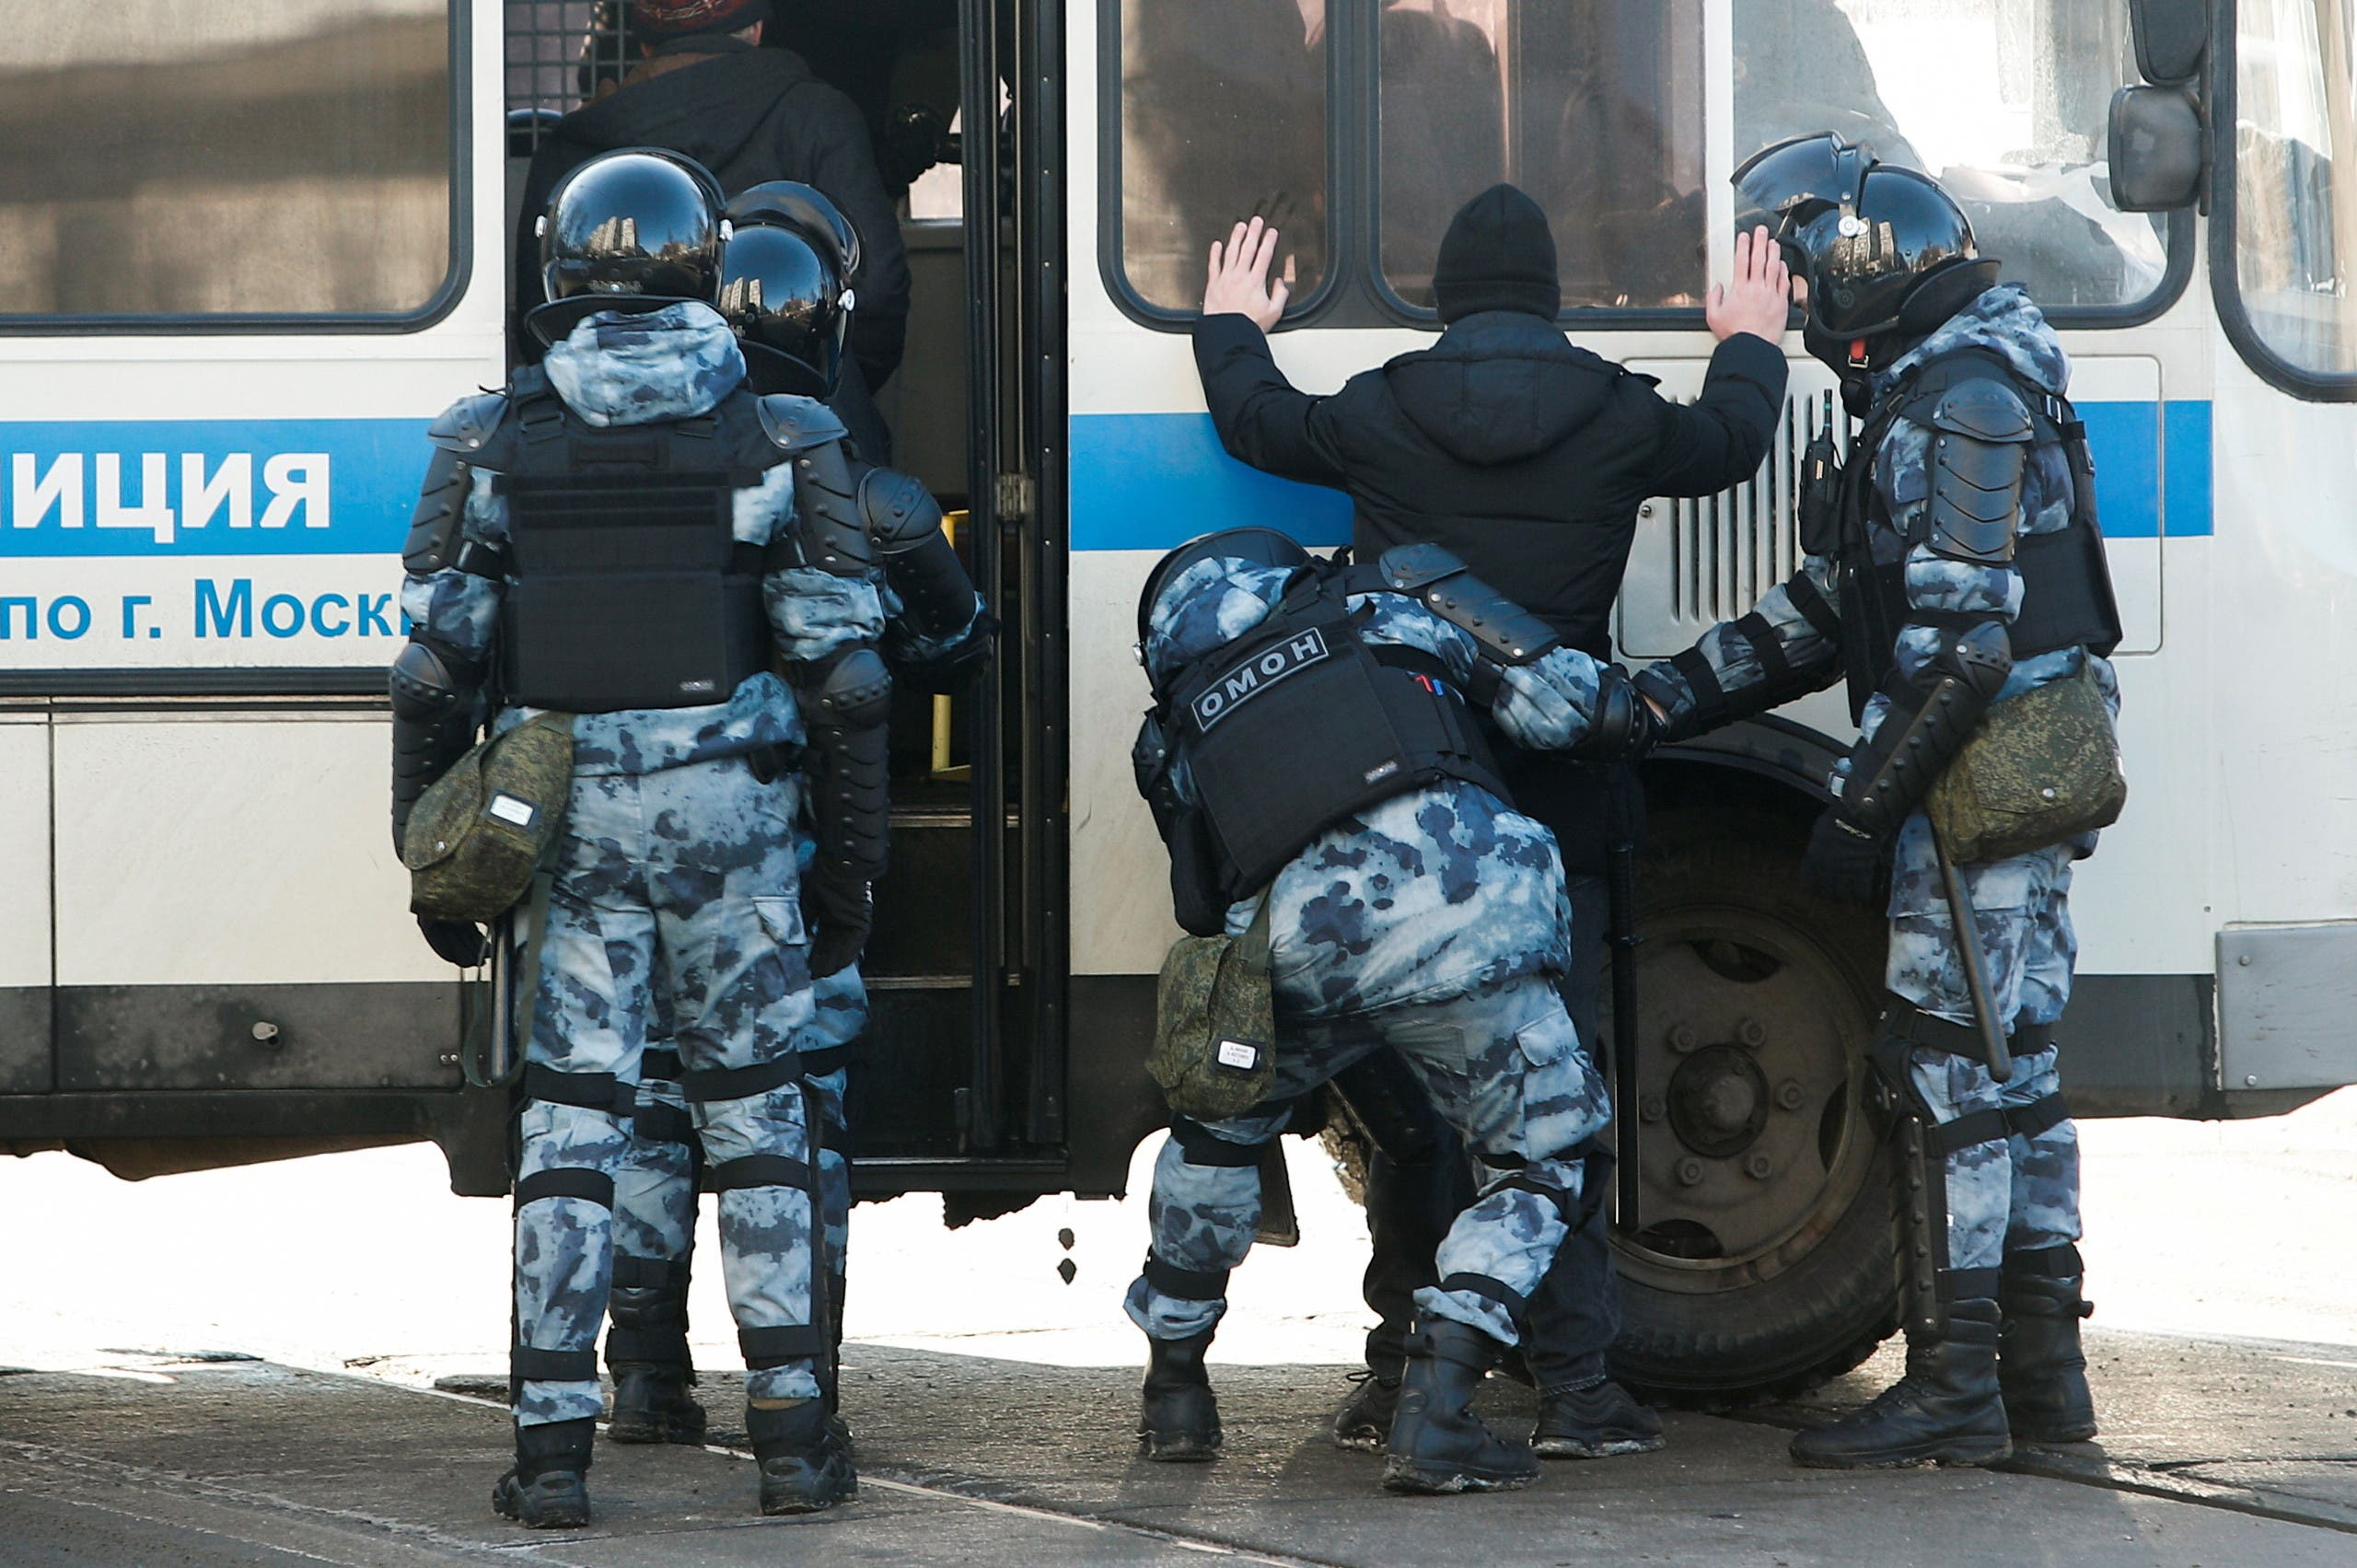 دیروز پلیس در مسکو اعتراض به نفالنی را متوقف کرد